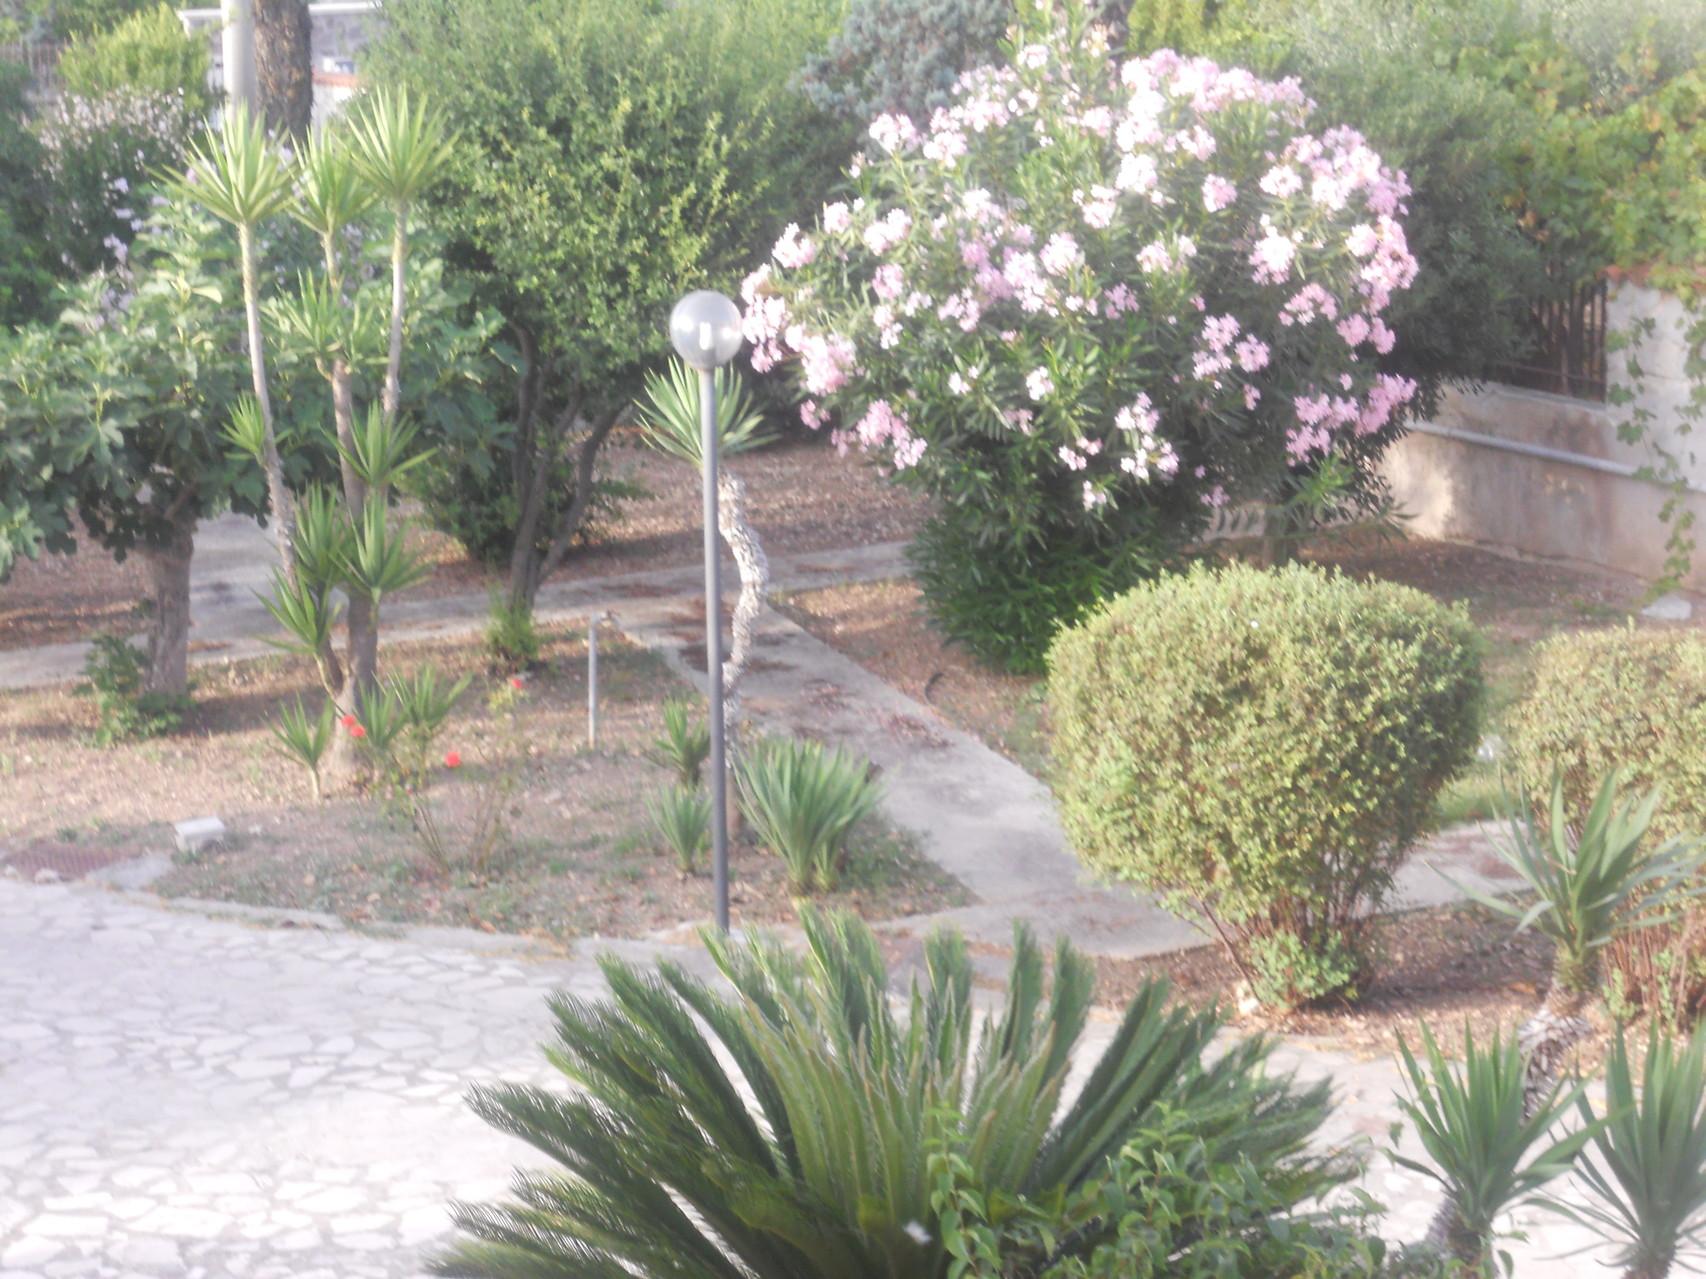 Vista dall'alto del giardino a destra